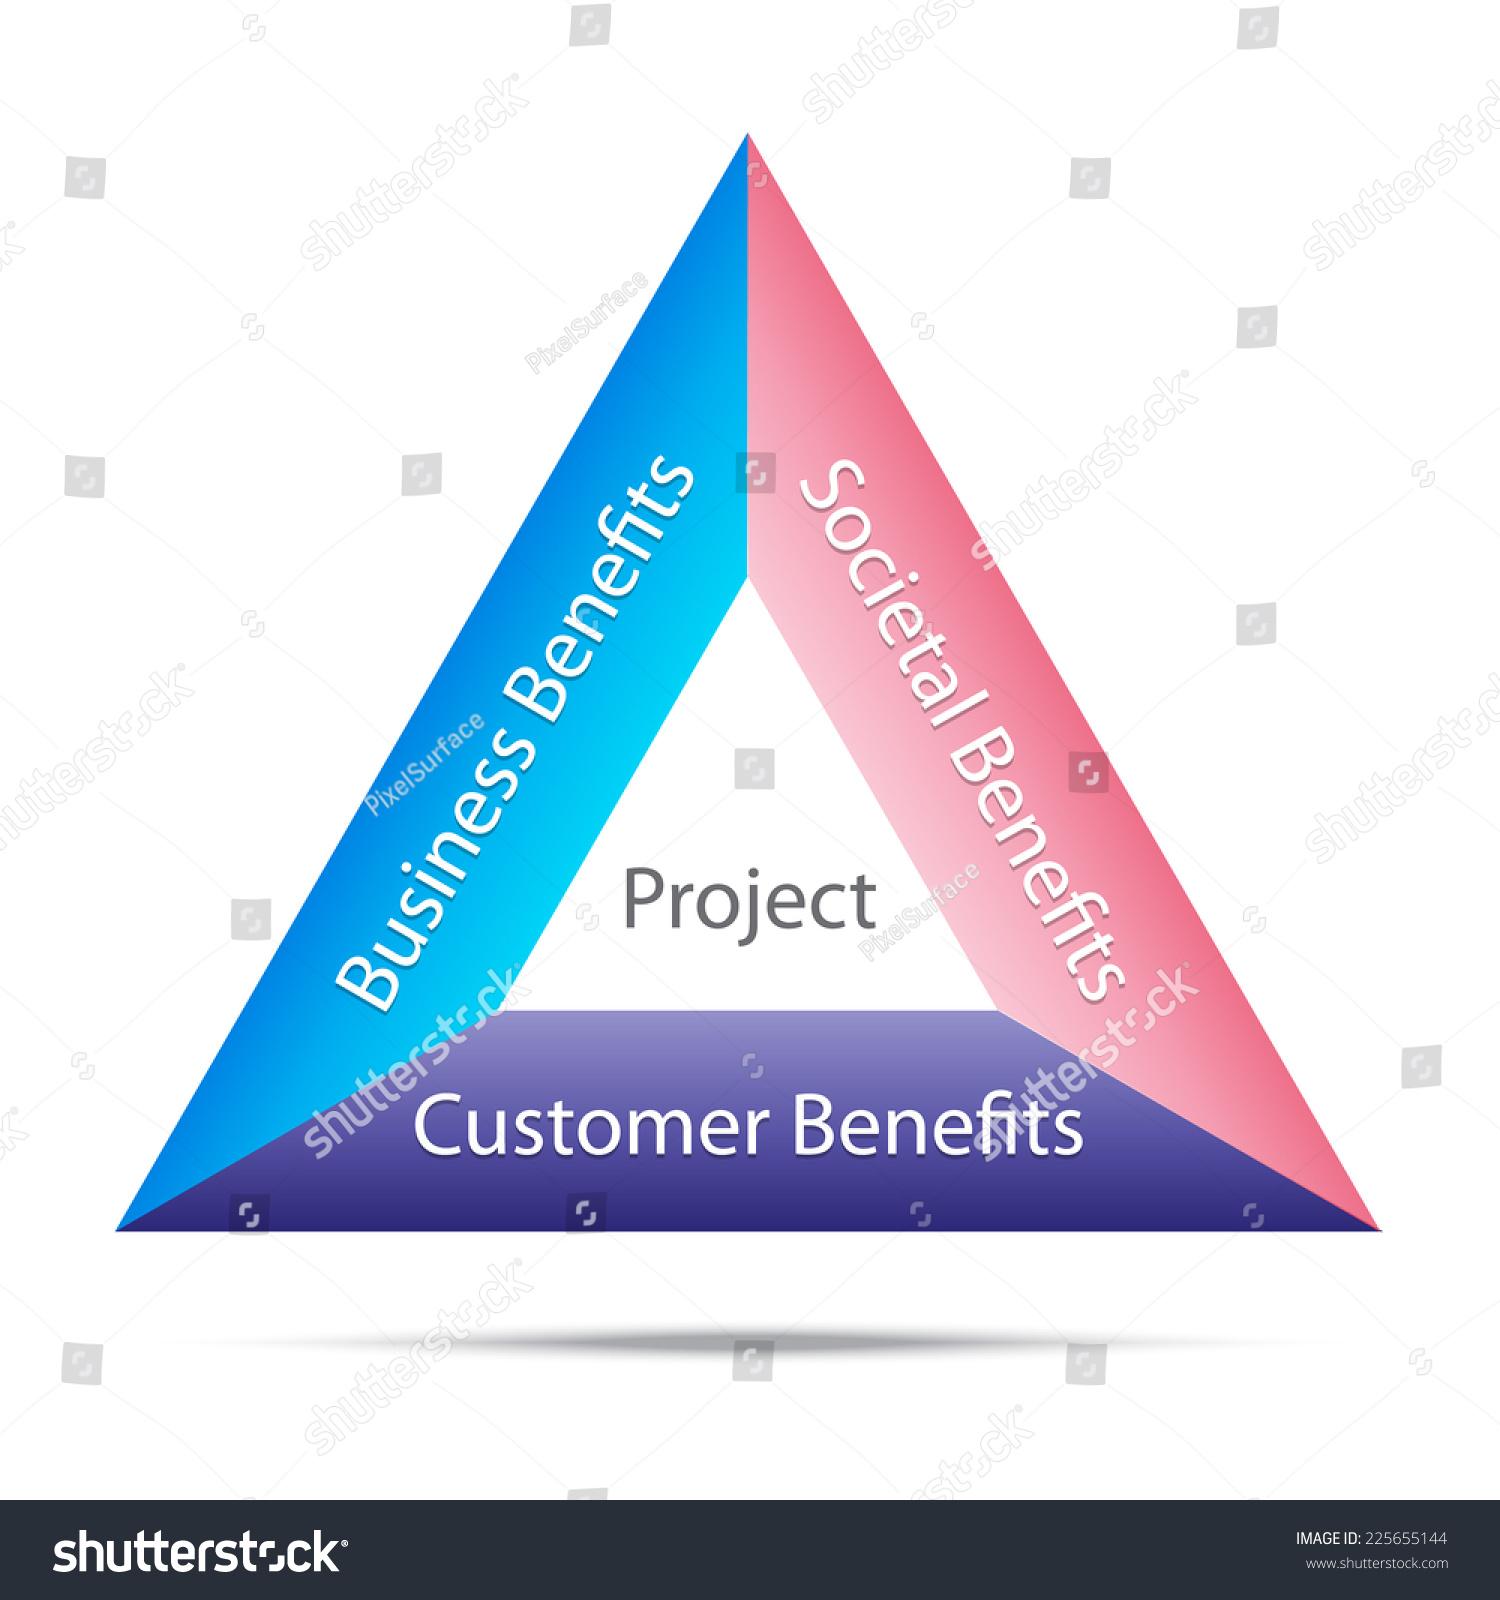 关于项目管理信息图形元素